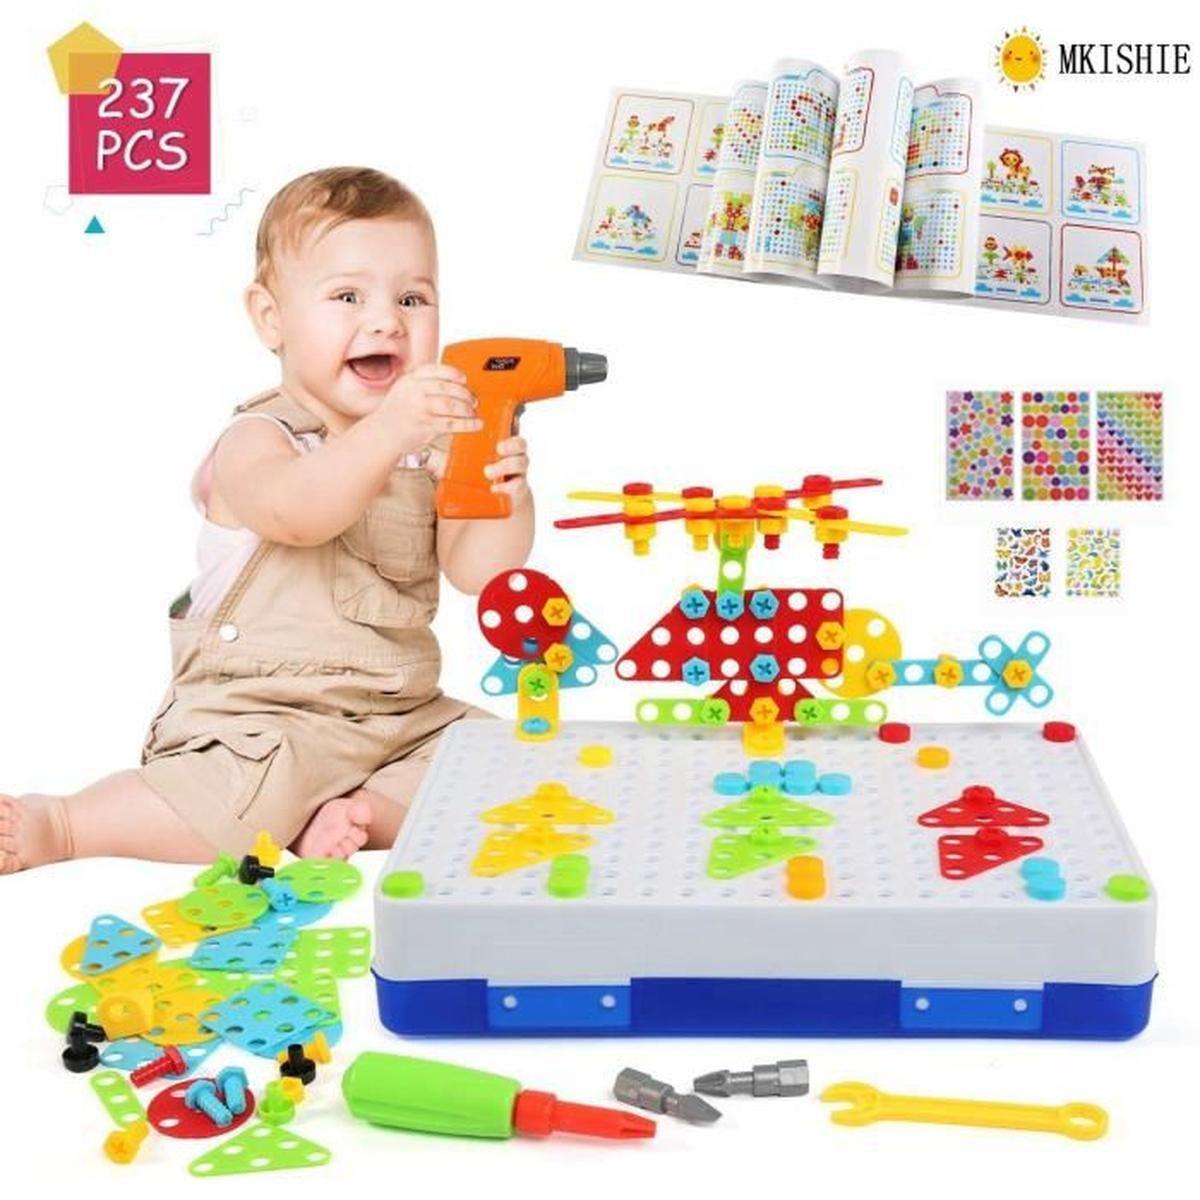 Jeu Educatif Montessori Pour 3 Ans pour Jeux Educatif 2 Ans